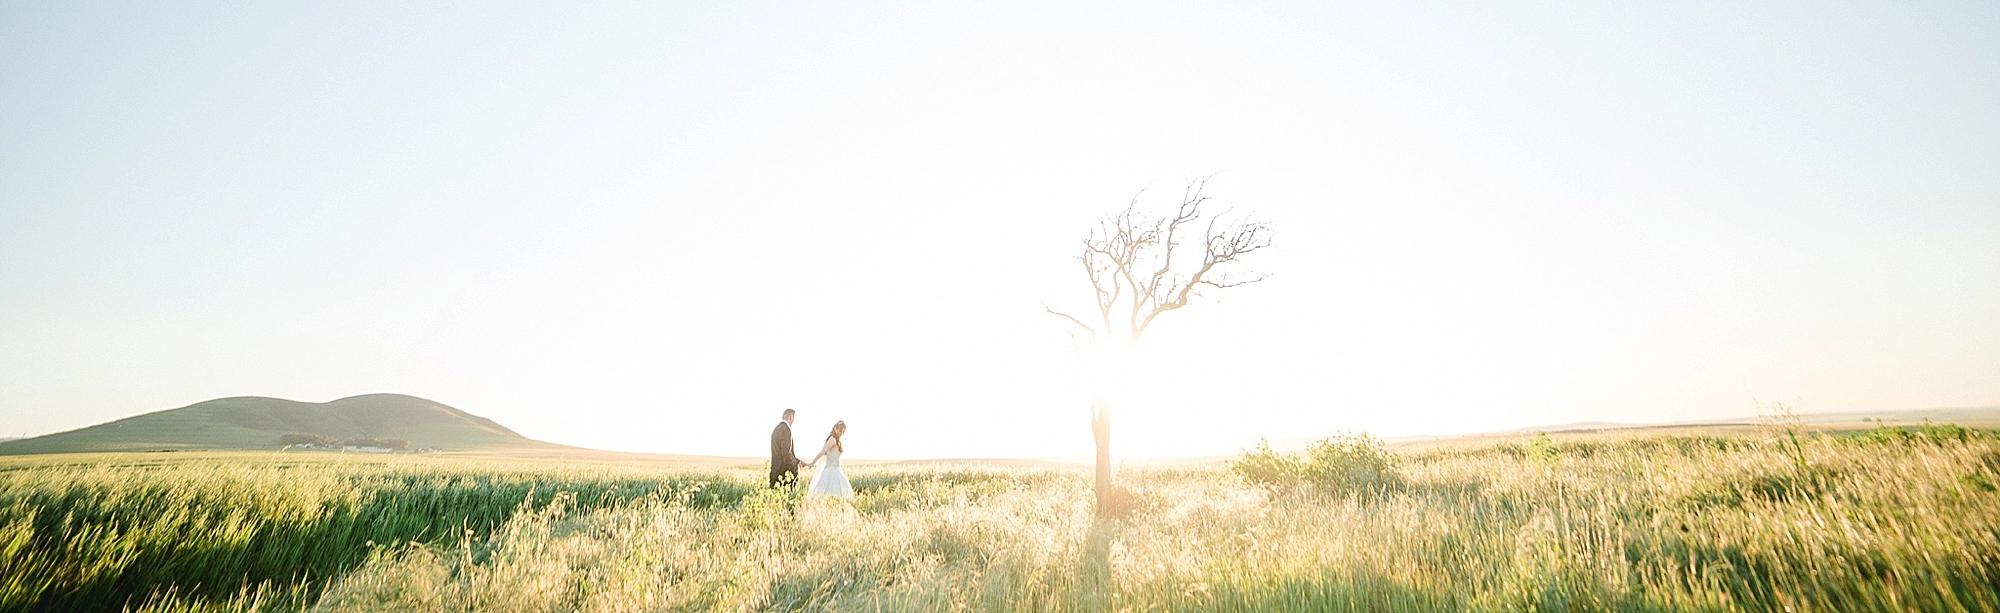 Darren-Bester-Cape-Town-Wedding-Photographer-Eensgezind-Function-Venue-Roger-Amanda_0059-1.jpg